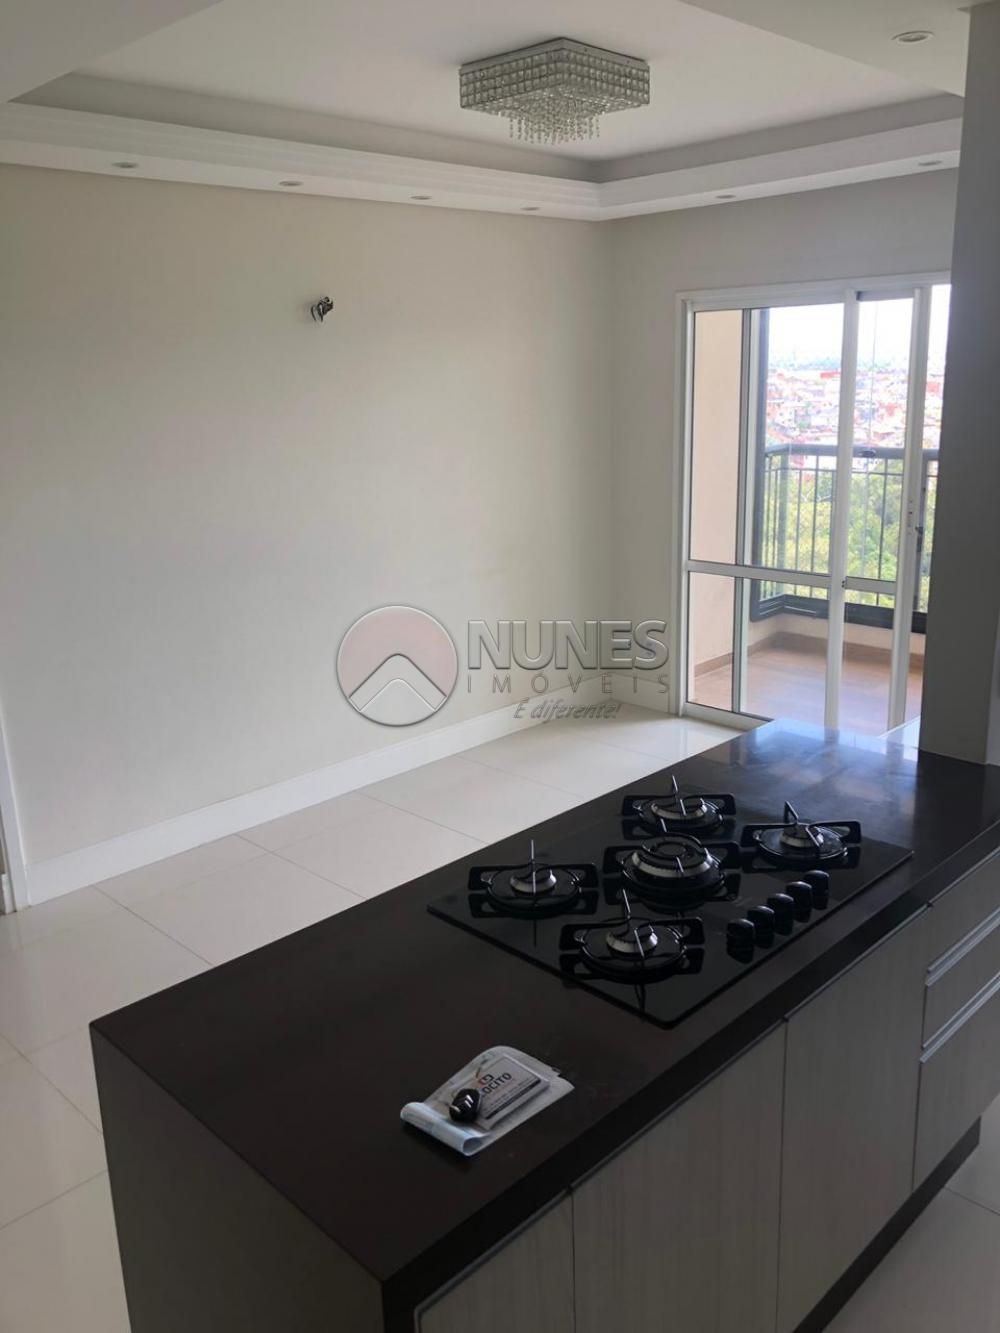 Comprar Apartamento / Padrão em Barueri apenas R$ 520.000,00 - Foto 6